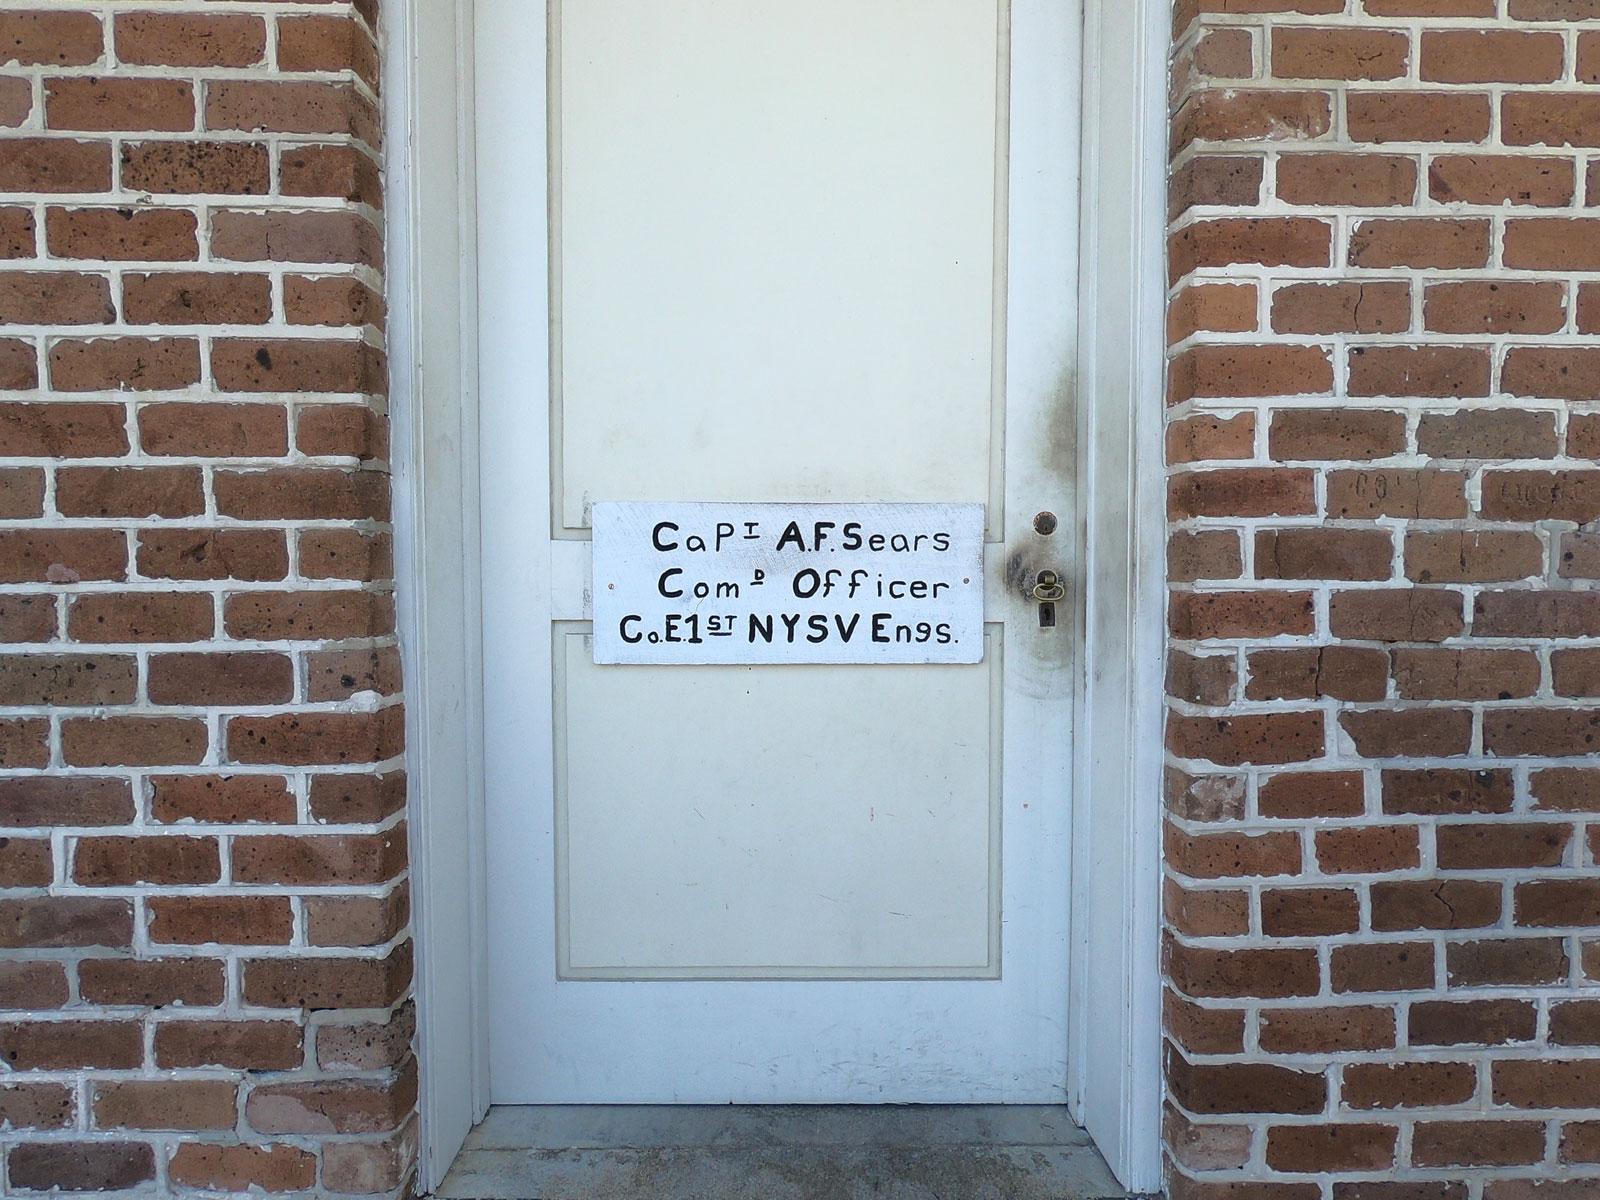 Beautiful typography on commander's barrack door in historic Fort Clinch, Florida